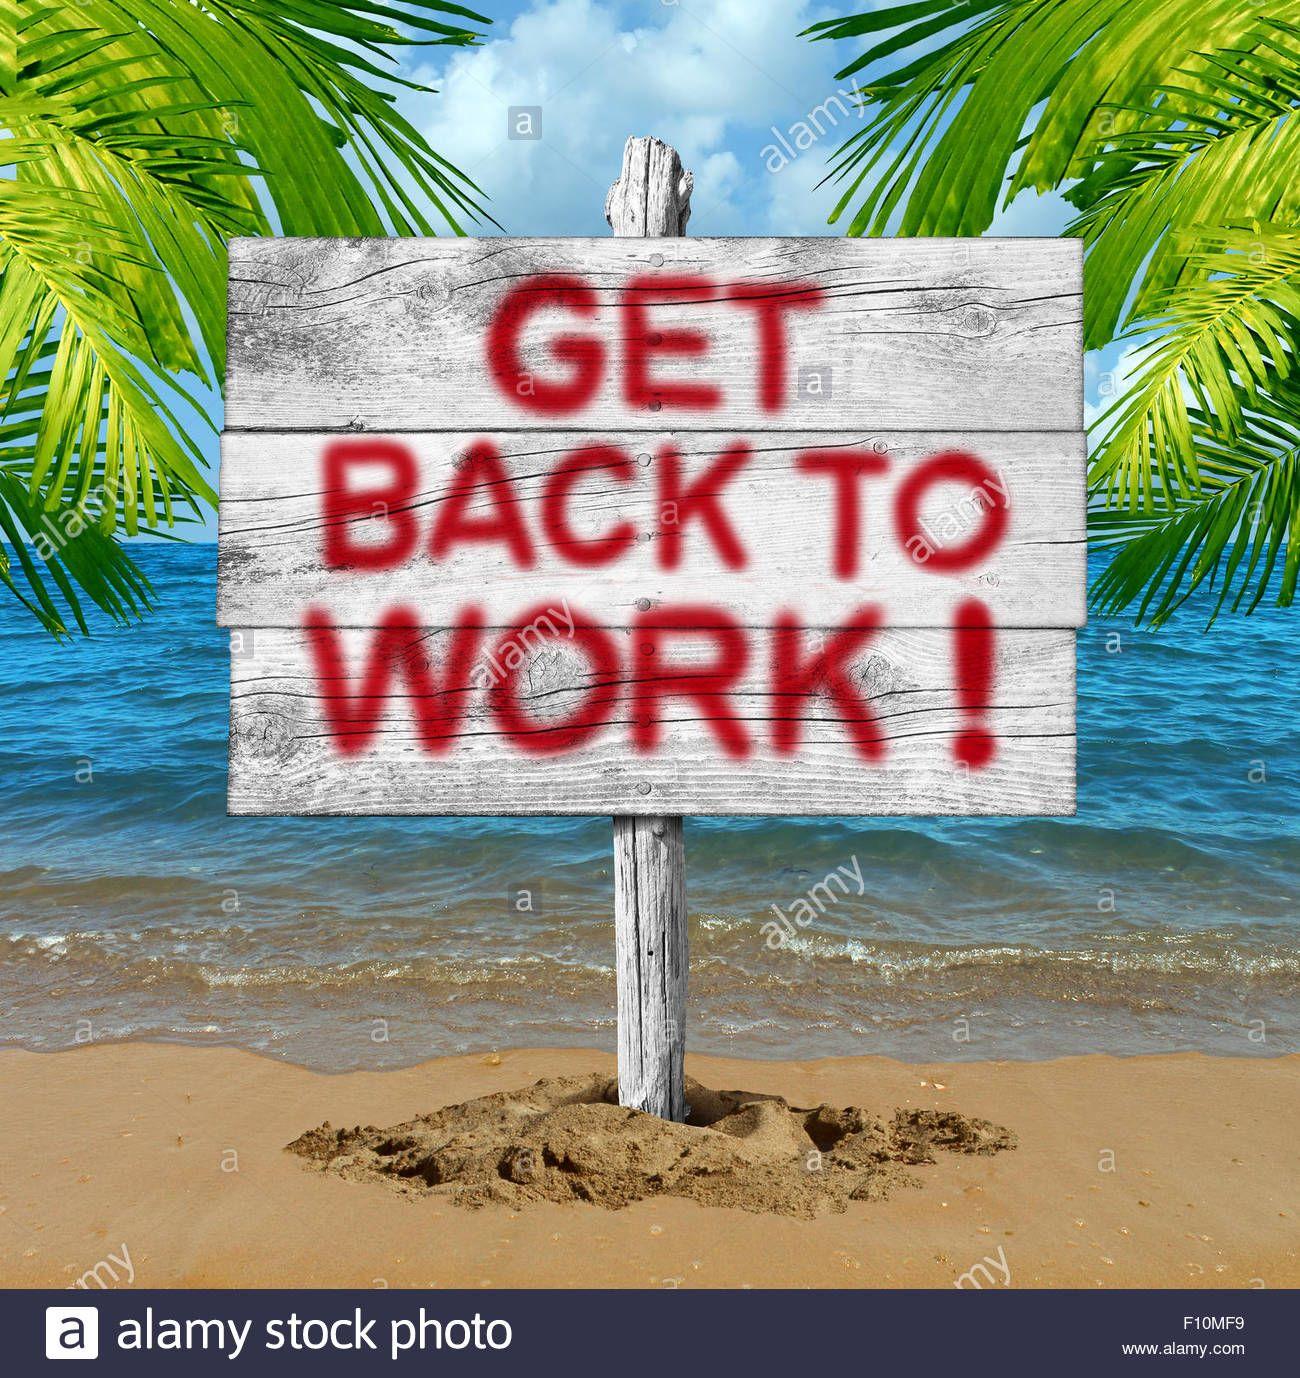 Urlaub Zu Ende Wieder Arbeiten